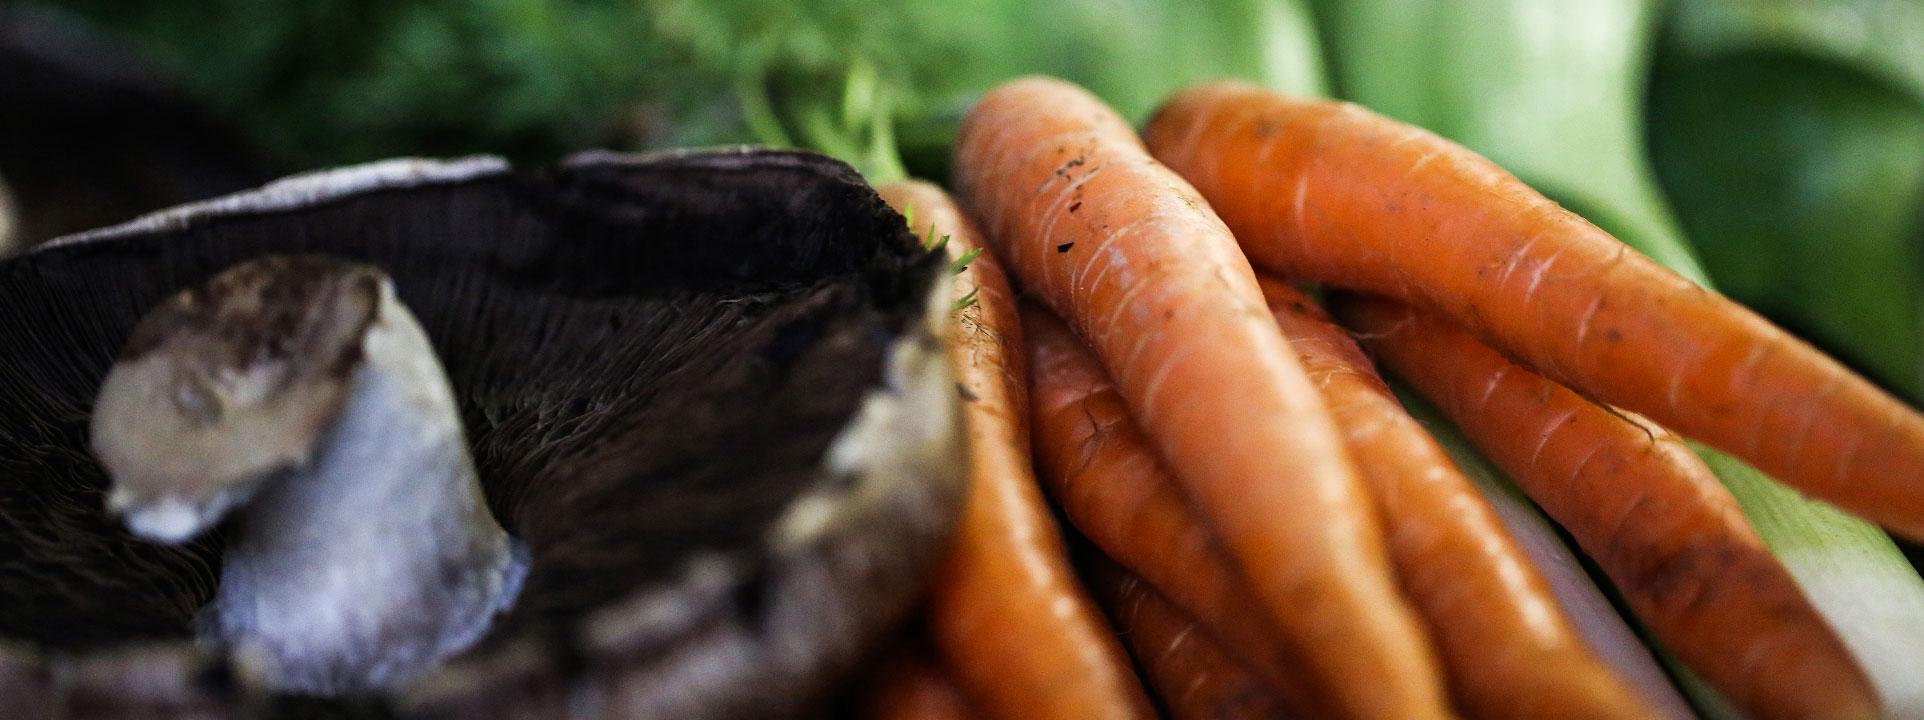 Närbild på svamp och morot